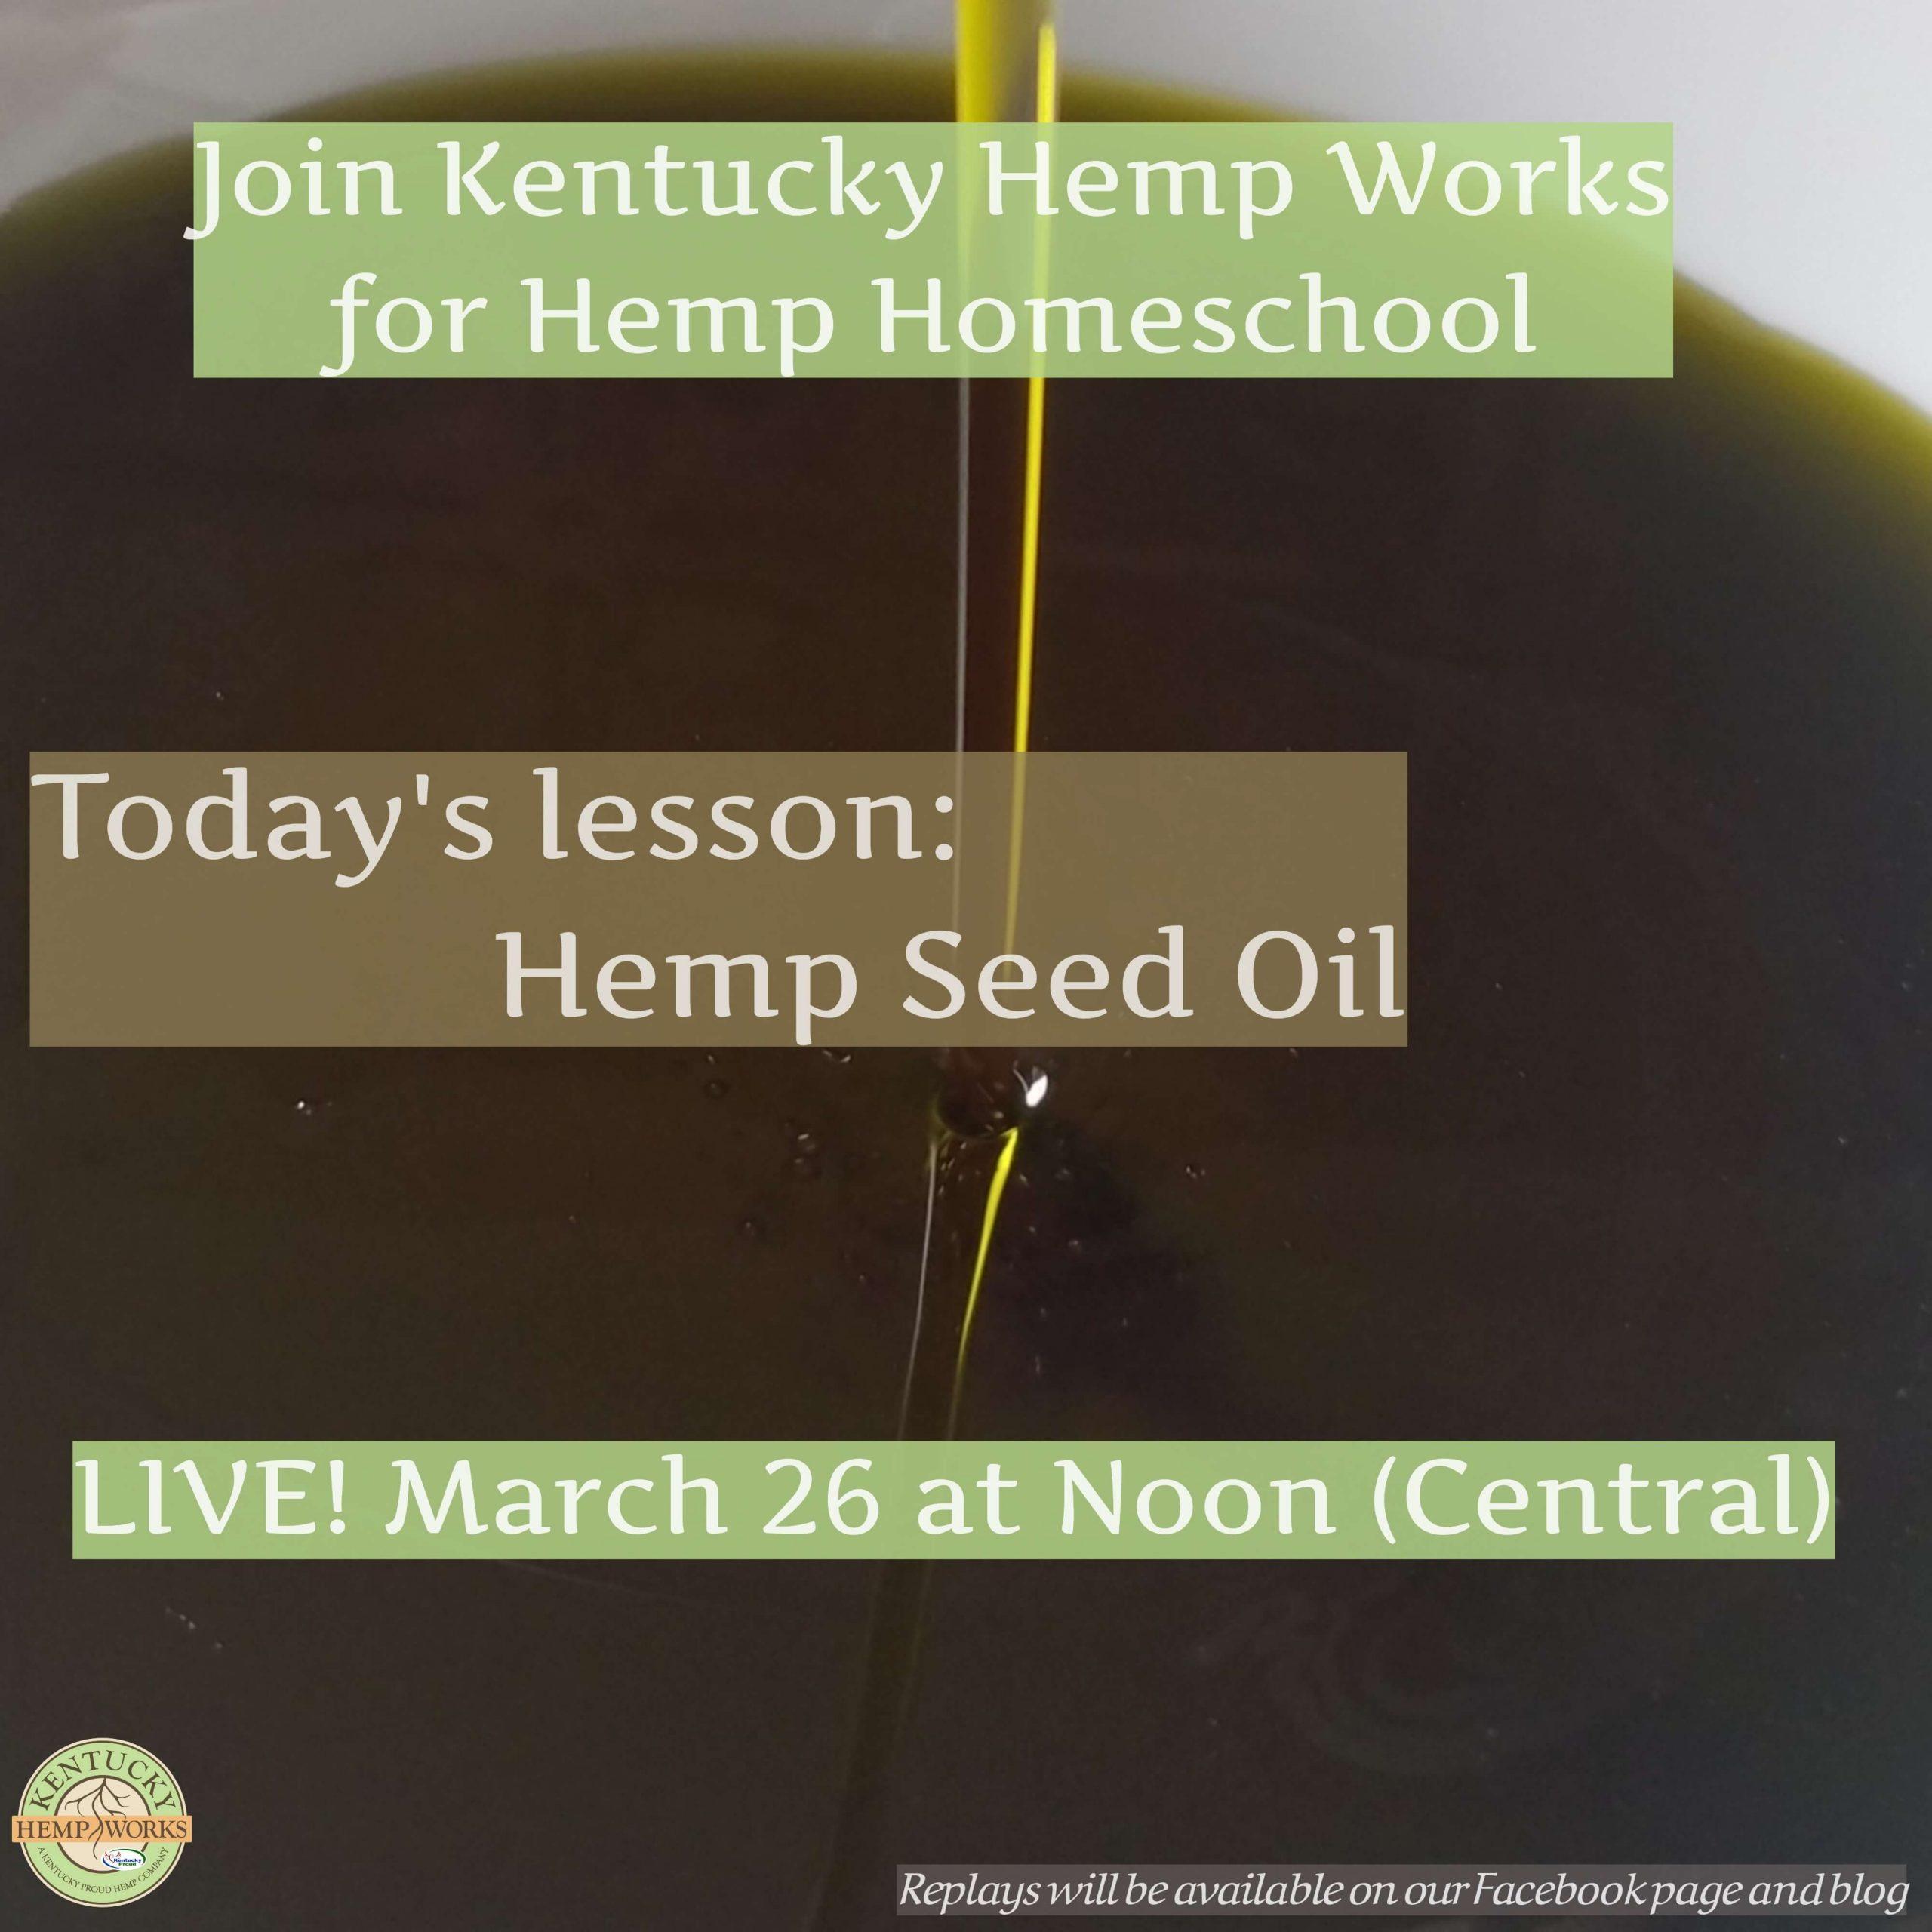 Hemp Homeschool: Hemp Seed Oil